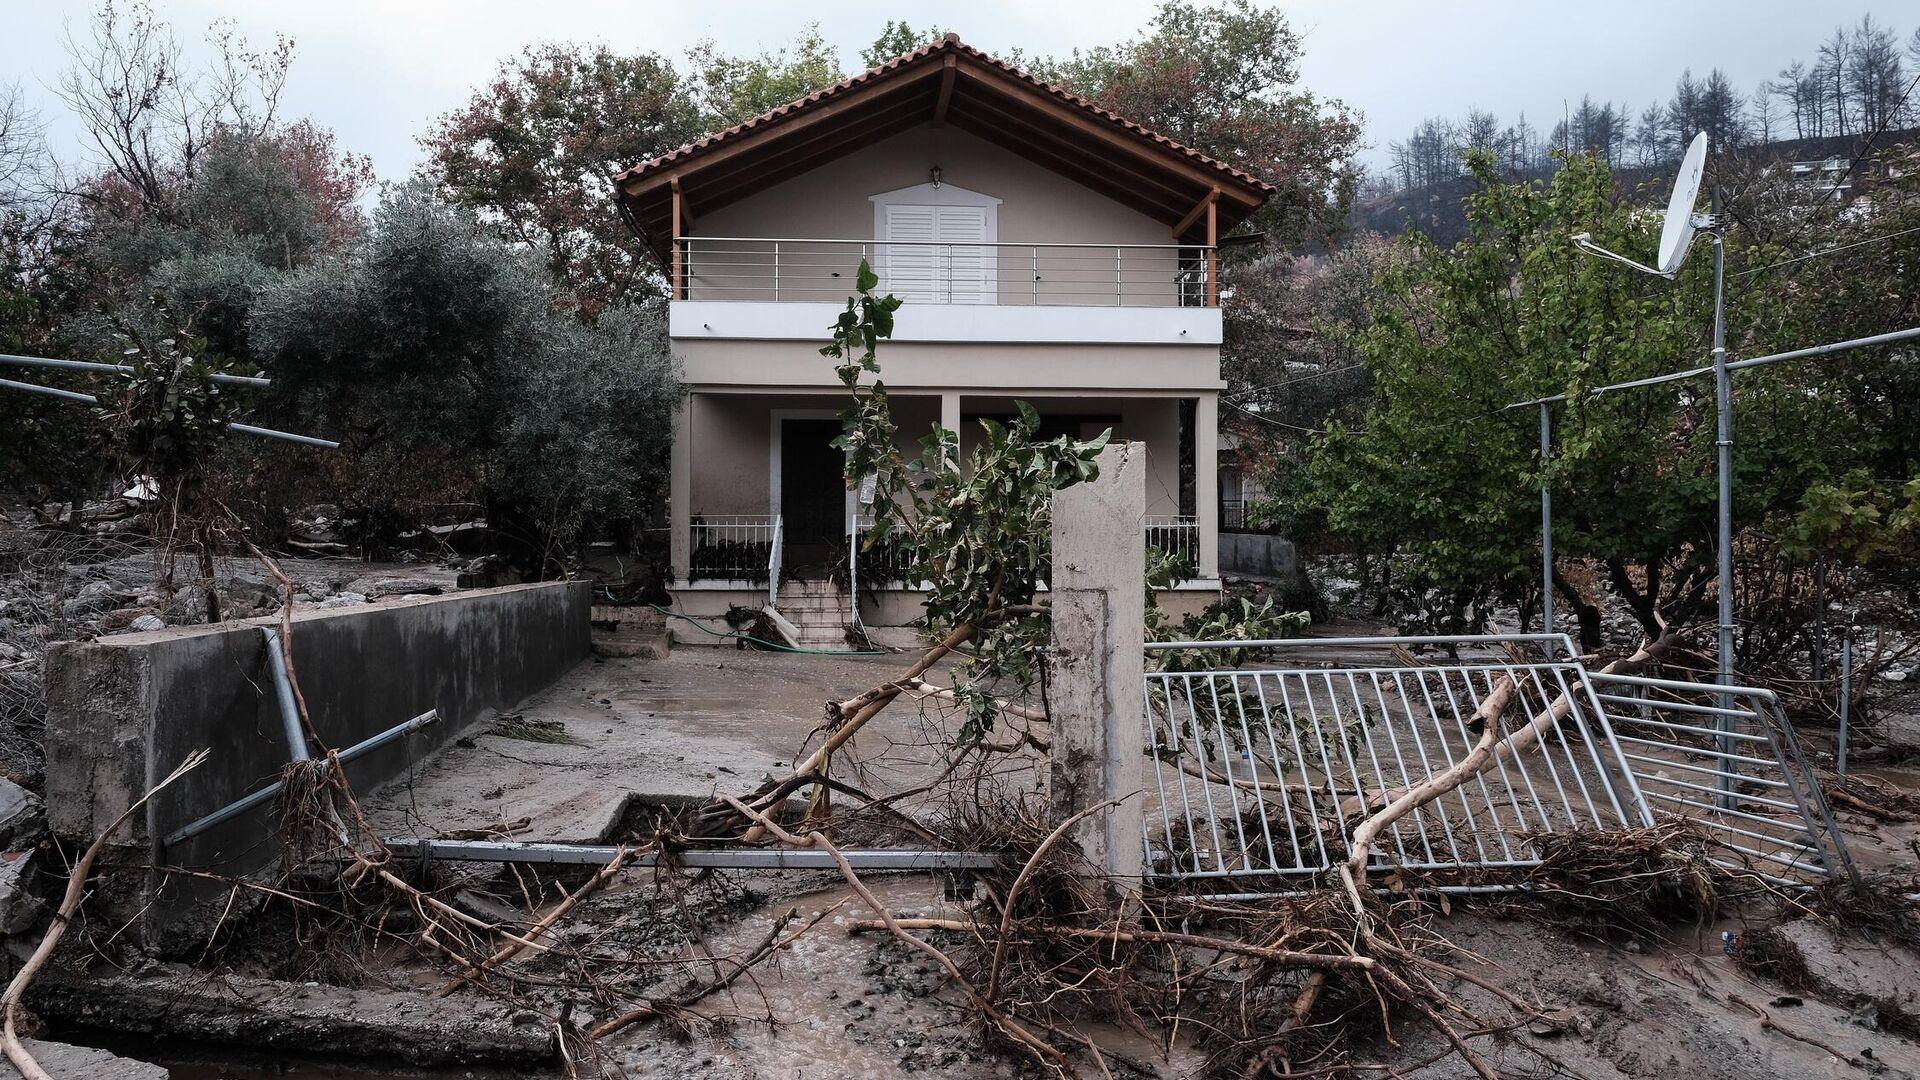 Καταστροφές στην Βόρεια Εύβοια από τις πλημμύρες - Sputnik Ελλάδα, 1920, 11.10.2021